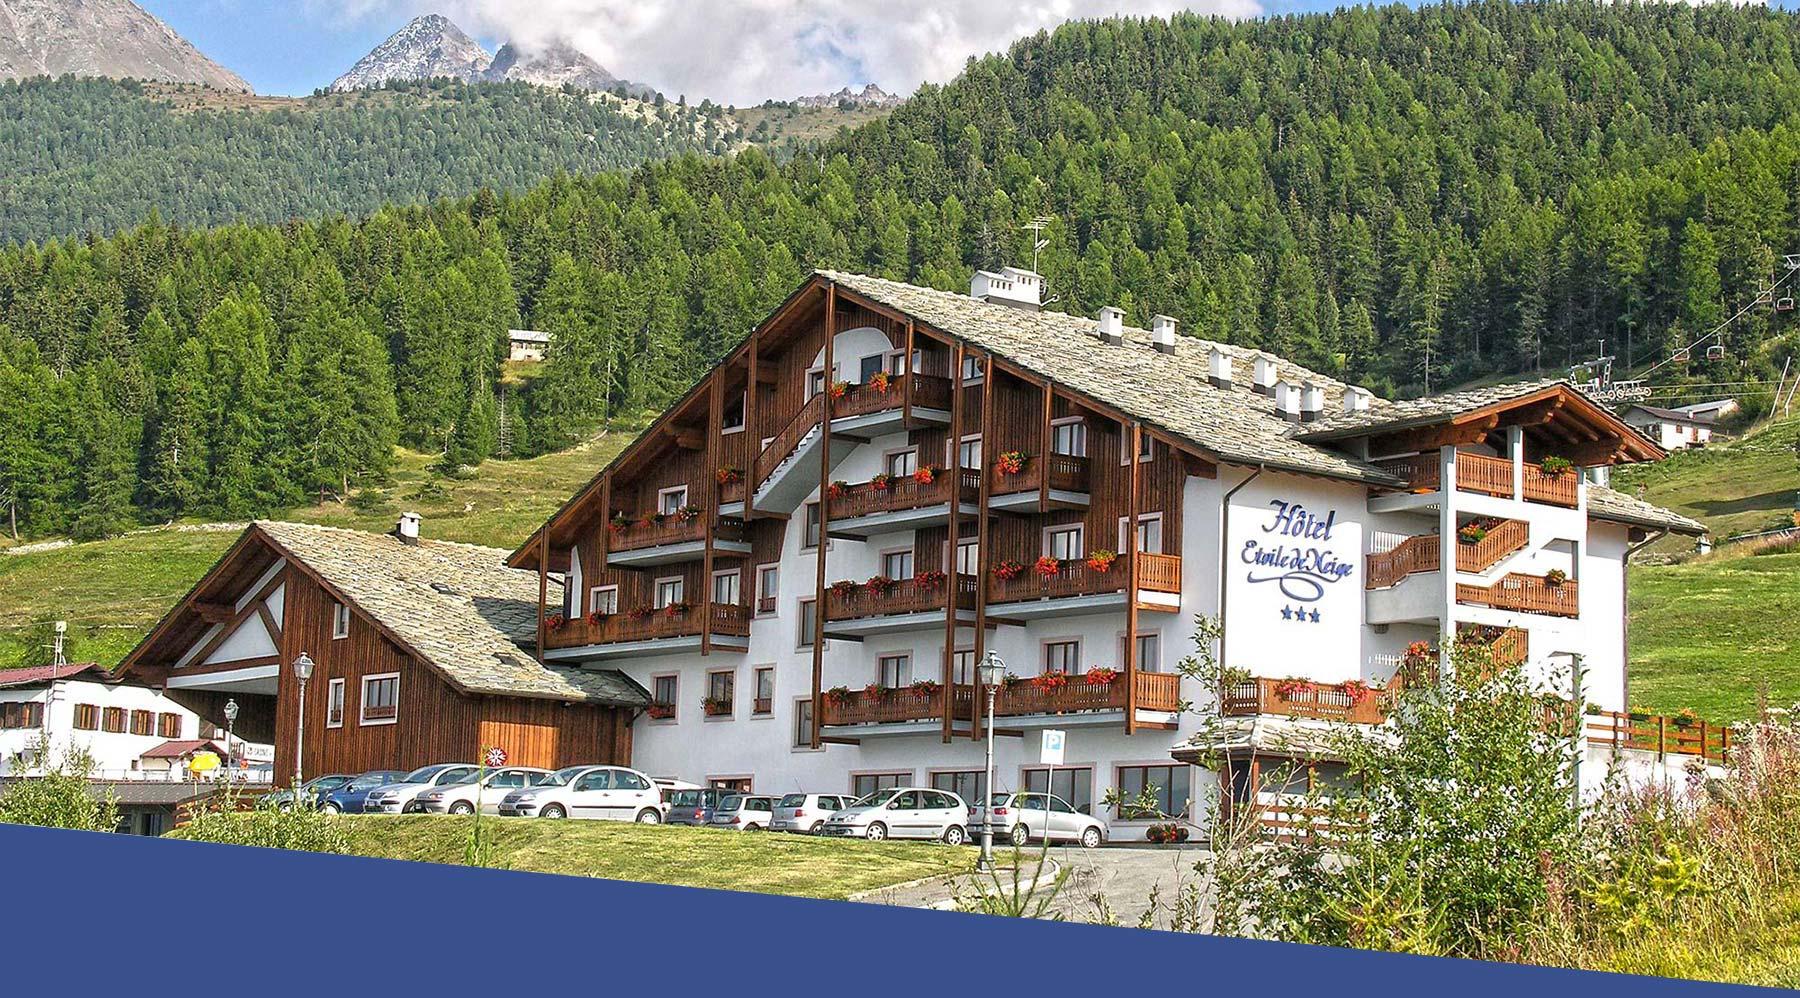 Hotel pila albergo pila valle d 39 aosta etoile de neige for Design hotel valle d aosta